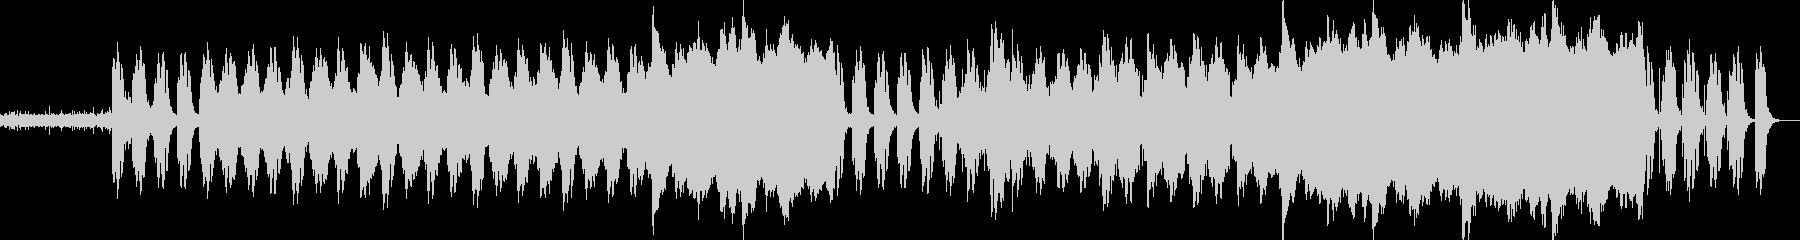 雨→雨上がりをイメージした曲です。の未再生の波形